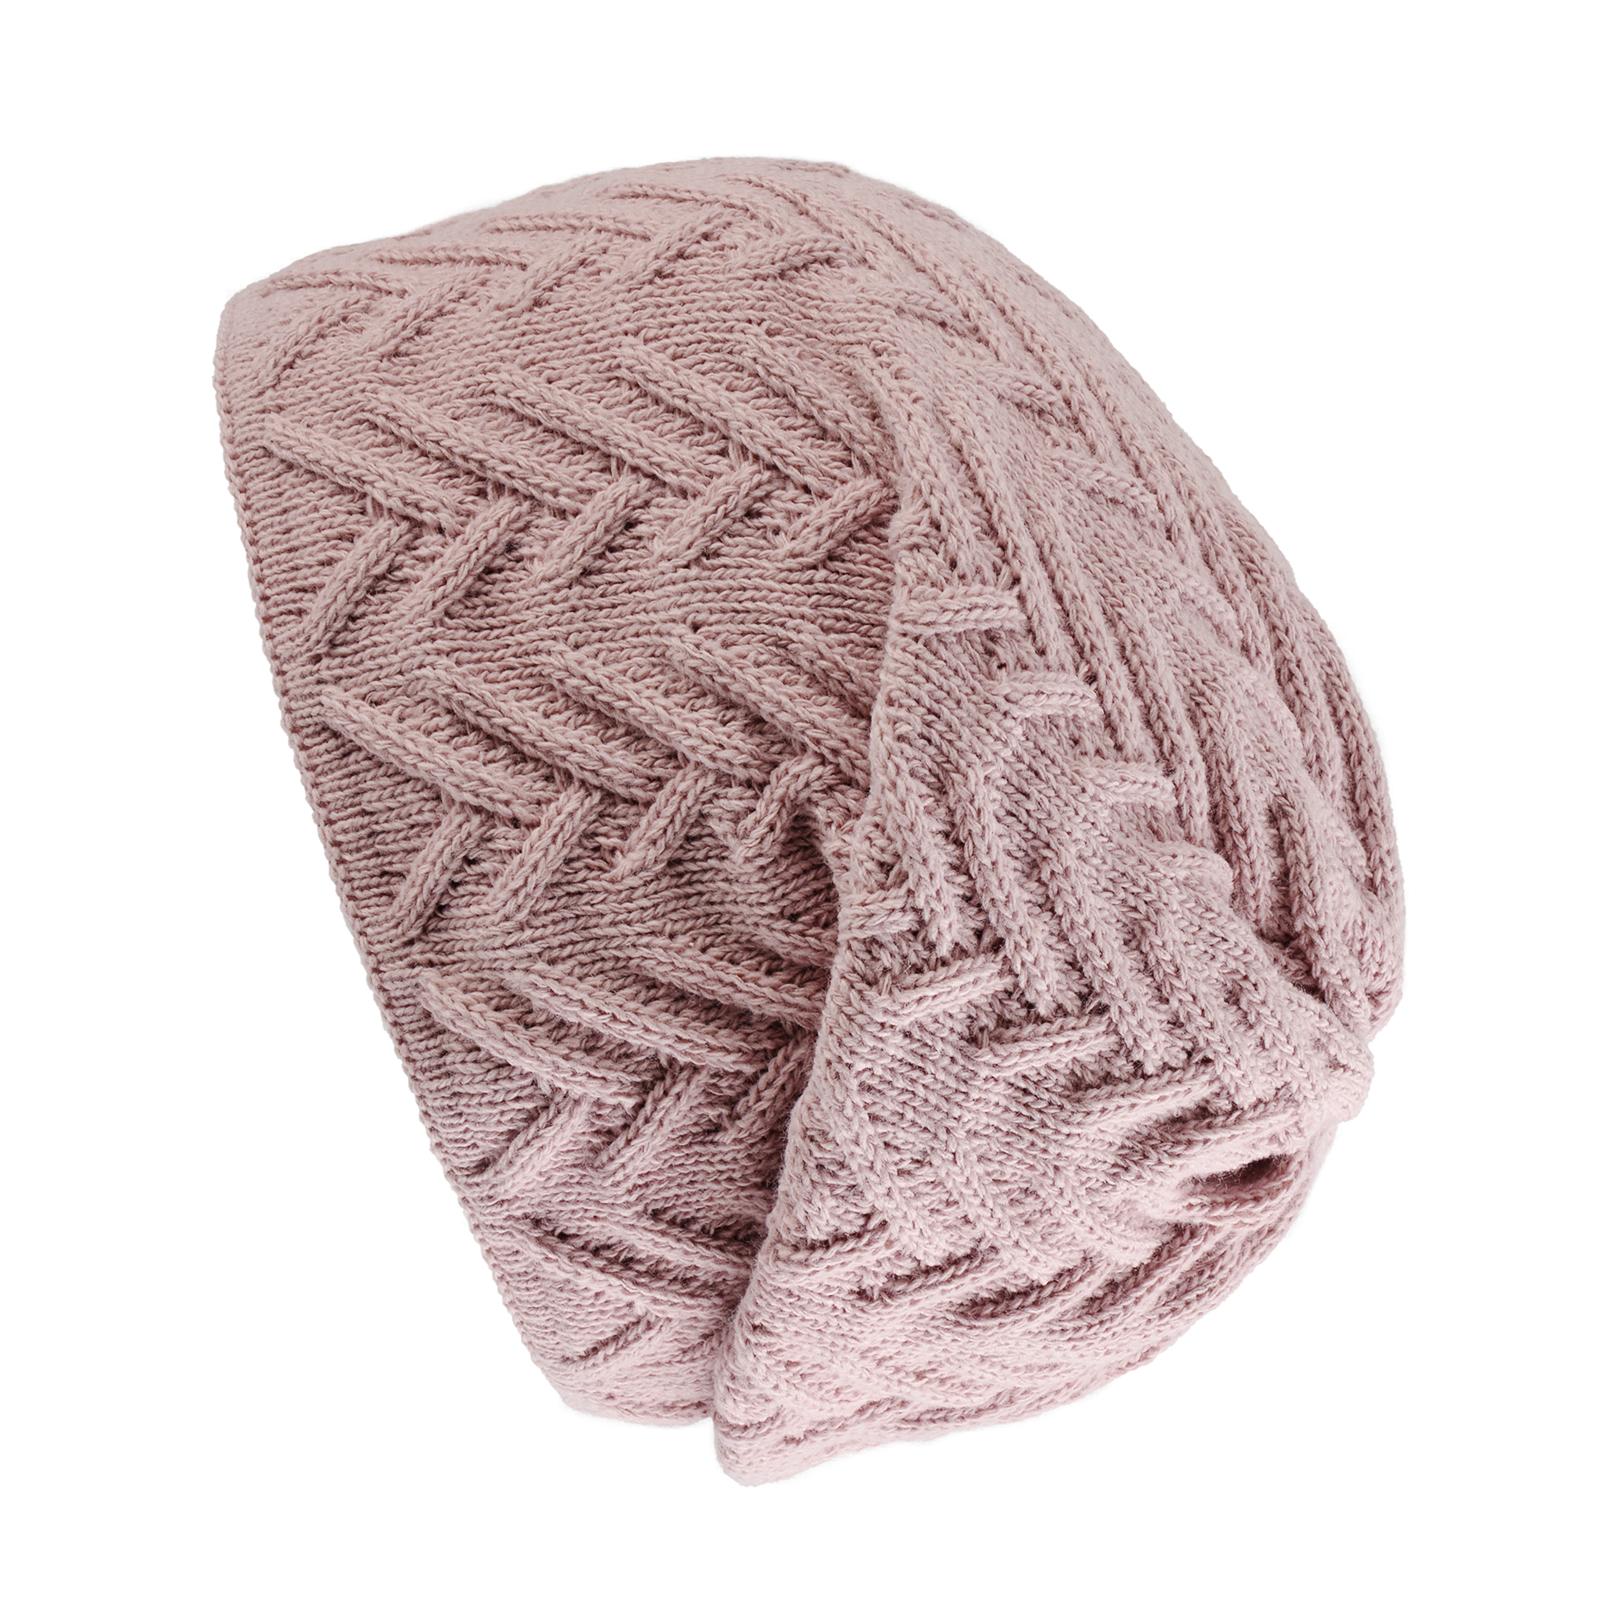 CP-00723-rose-bonnet-long-femme-pale-F16